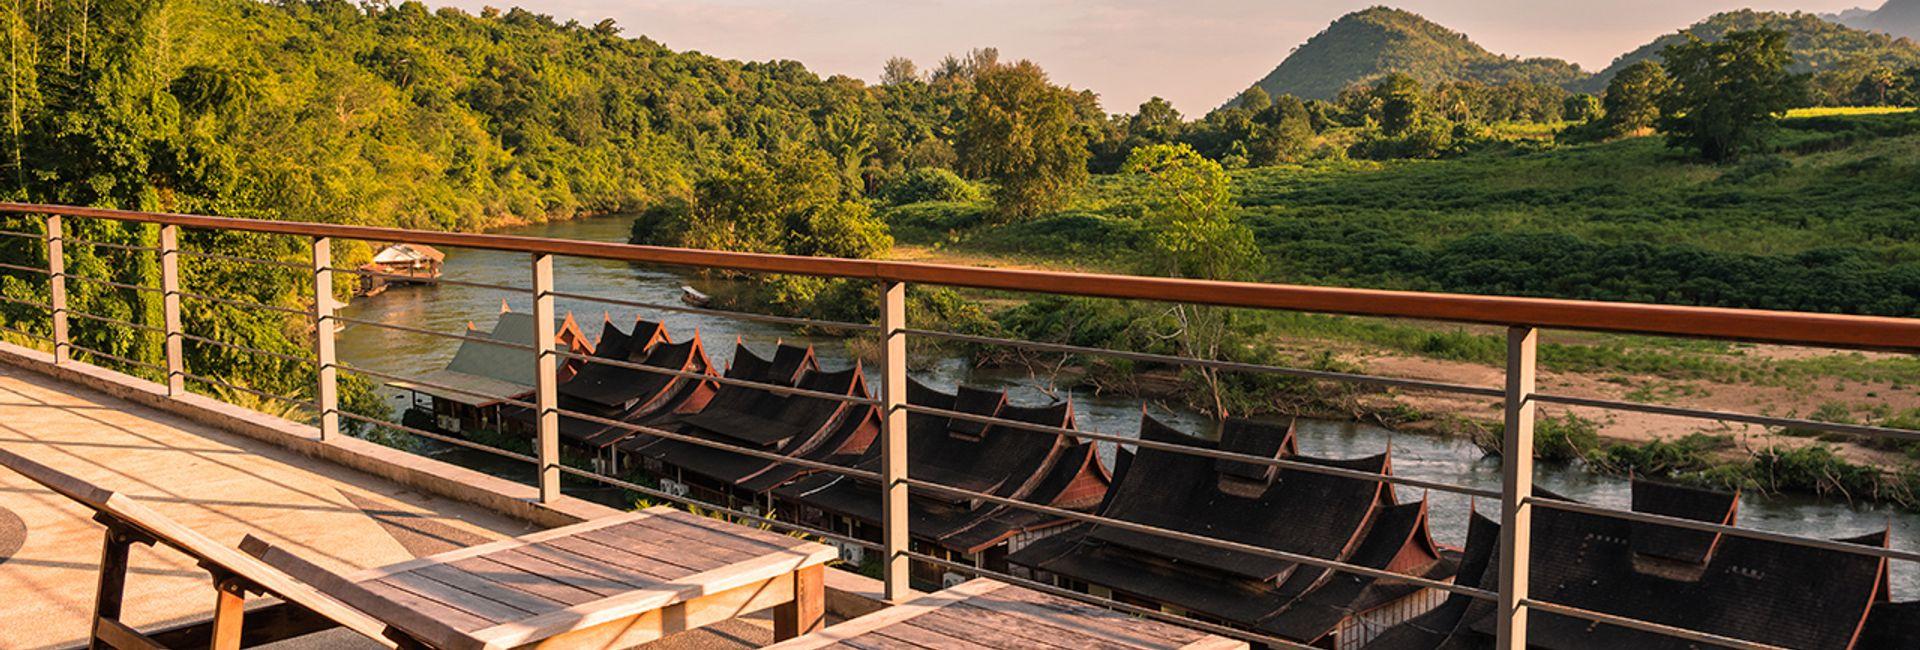 Top 10 khách sạn, nhà nghỉ tốt nhất ở Kanchanaburi